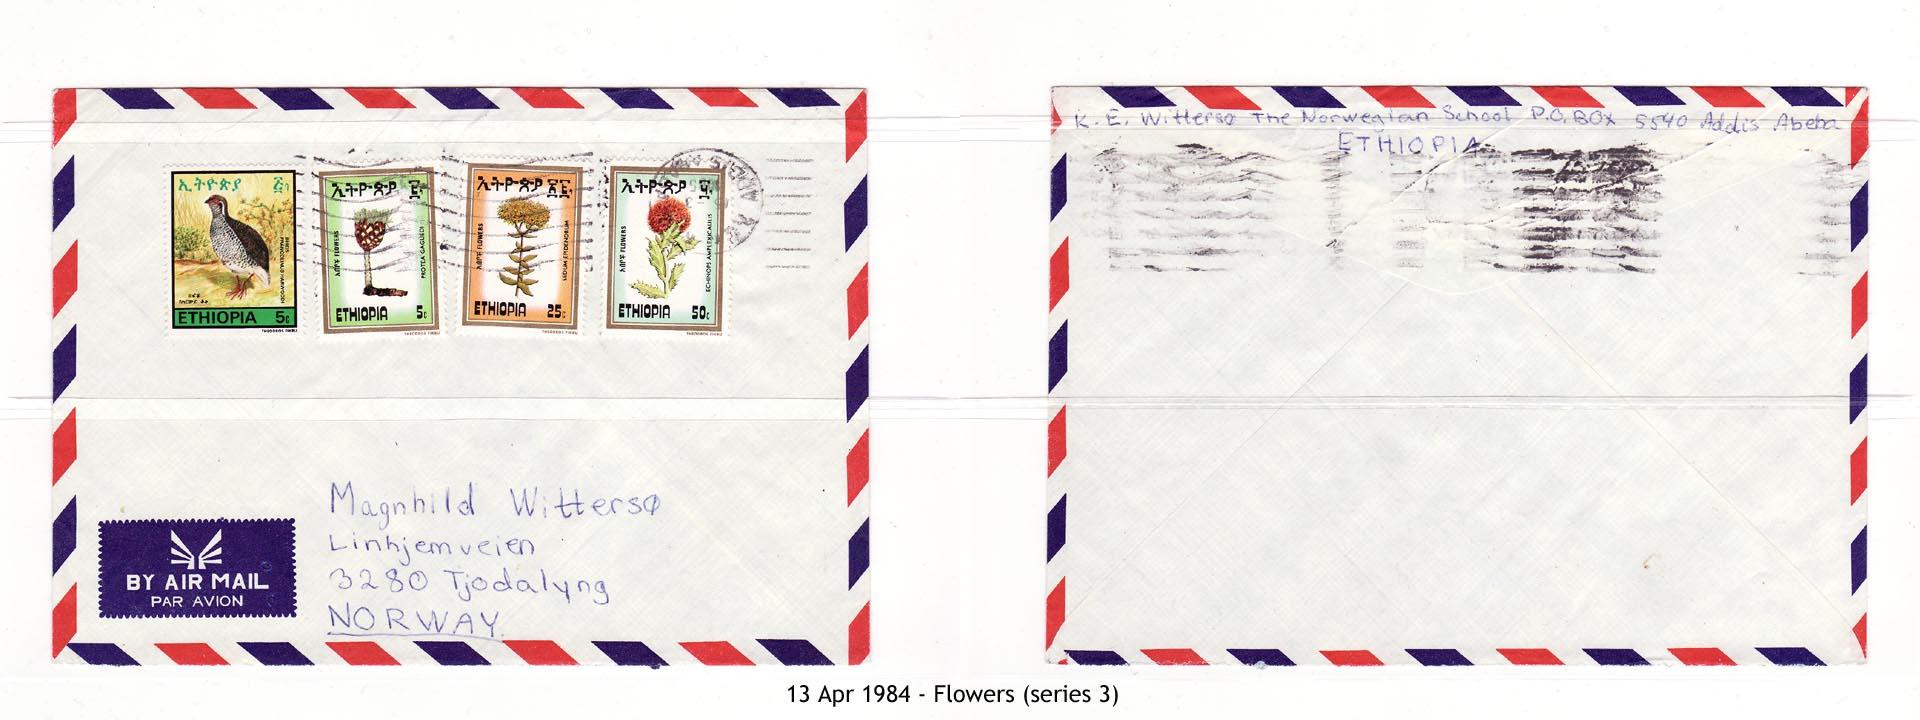 19840413 - Flowers (series 3)